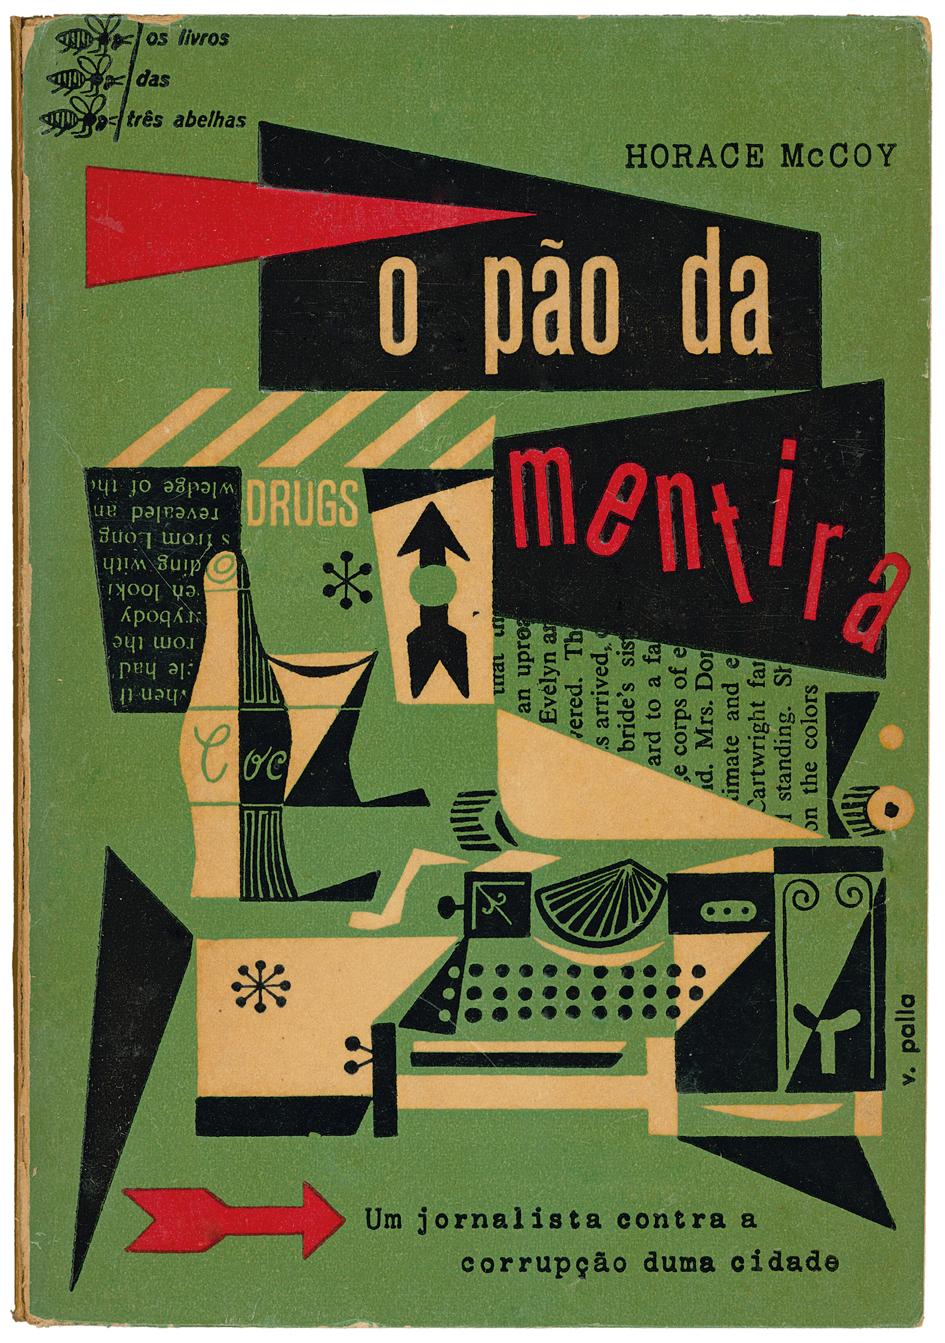 O pão da mentira, Horace McCoy, os livros das três abelhas 5, Editorial Gleba, design Victor Palla, 1957 via livingdeadcovers.wordpress.com